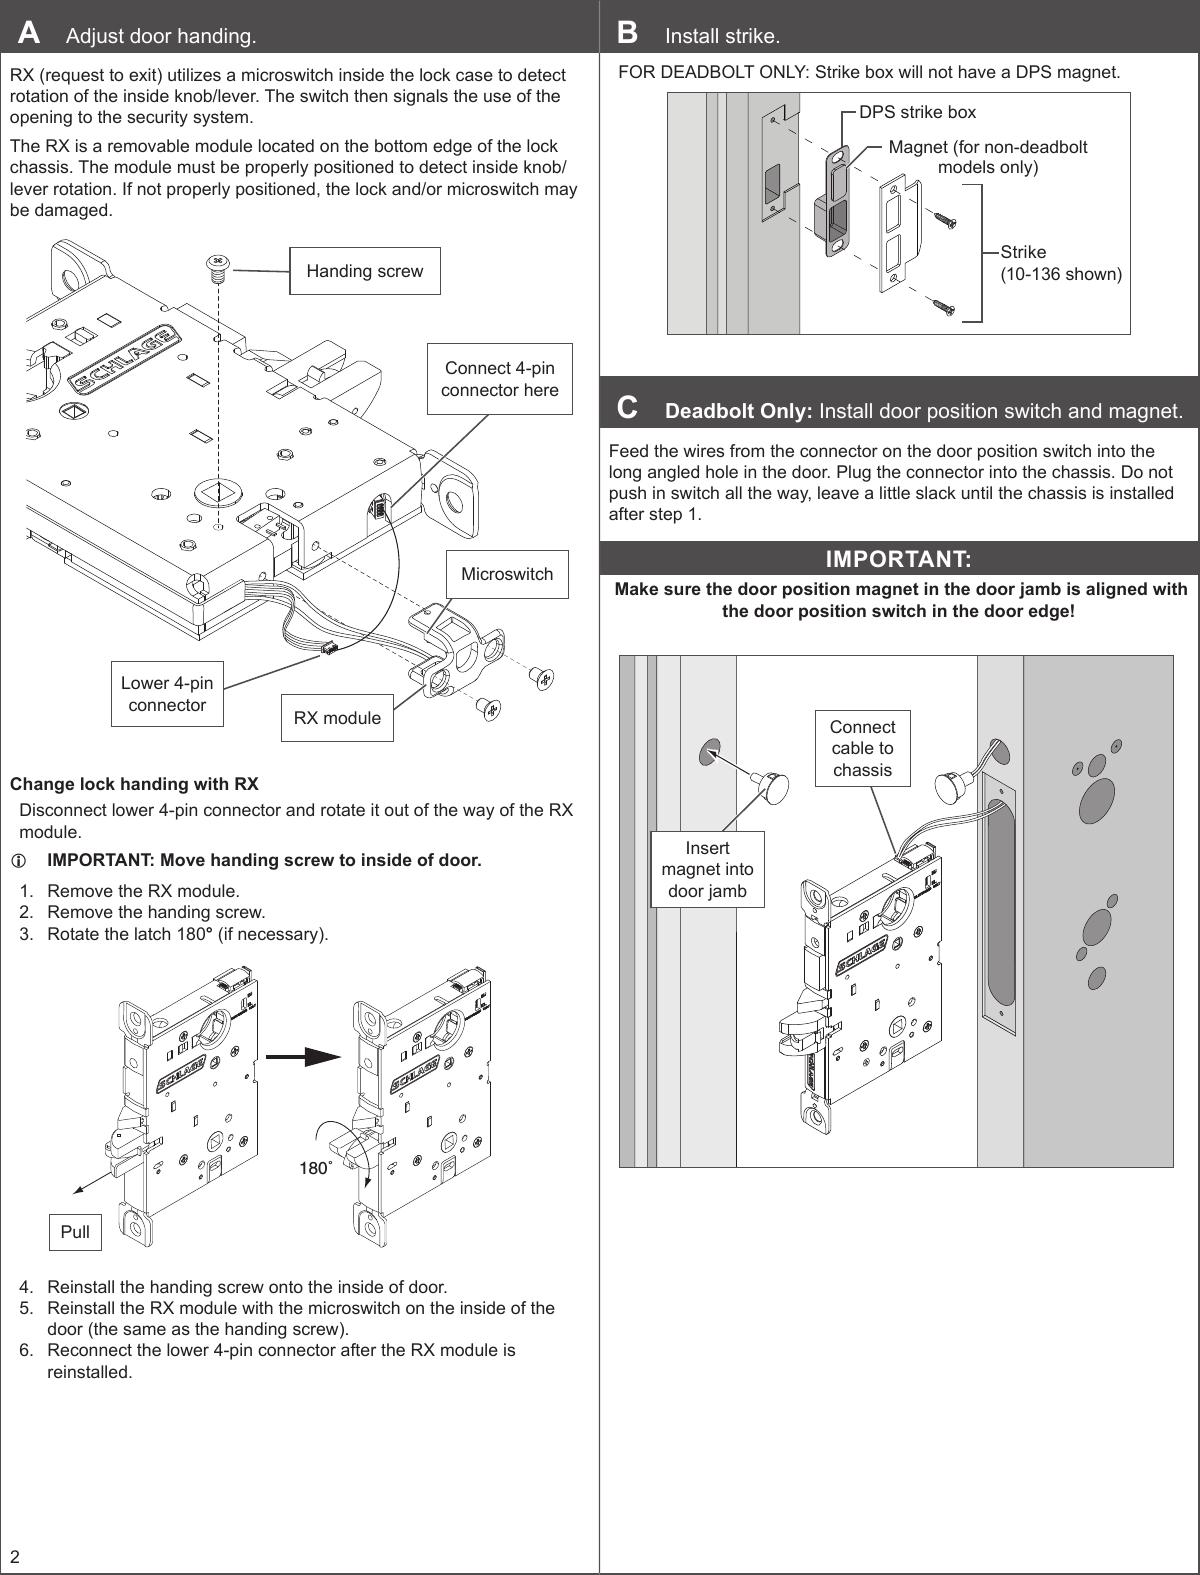 schlage lock installation instructions